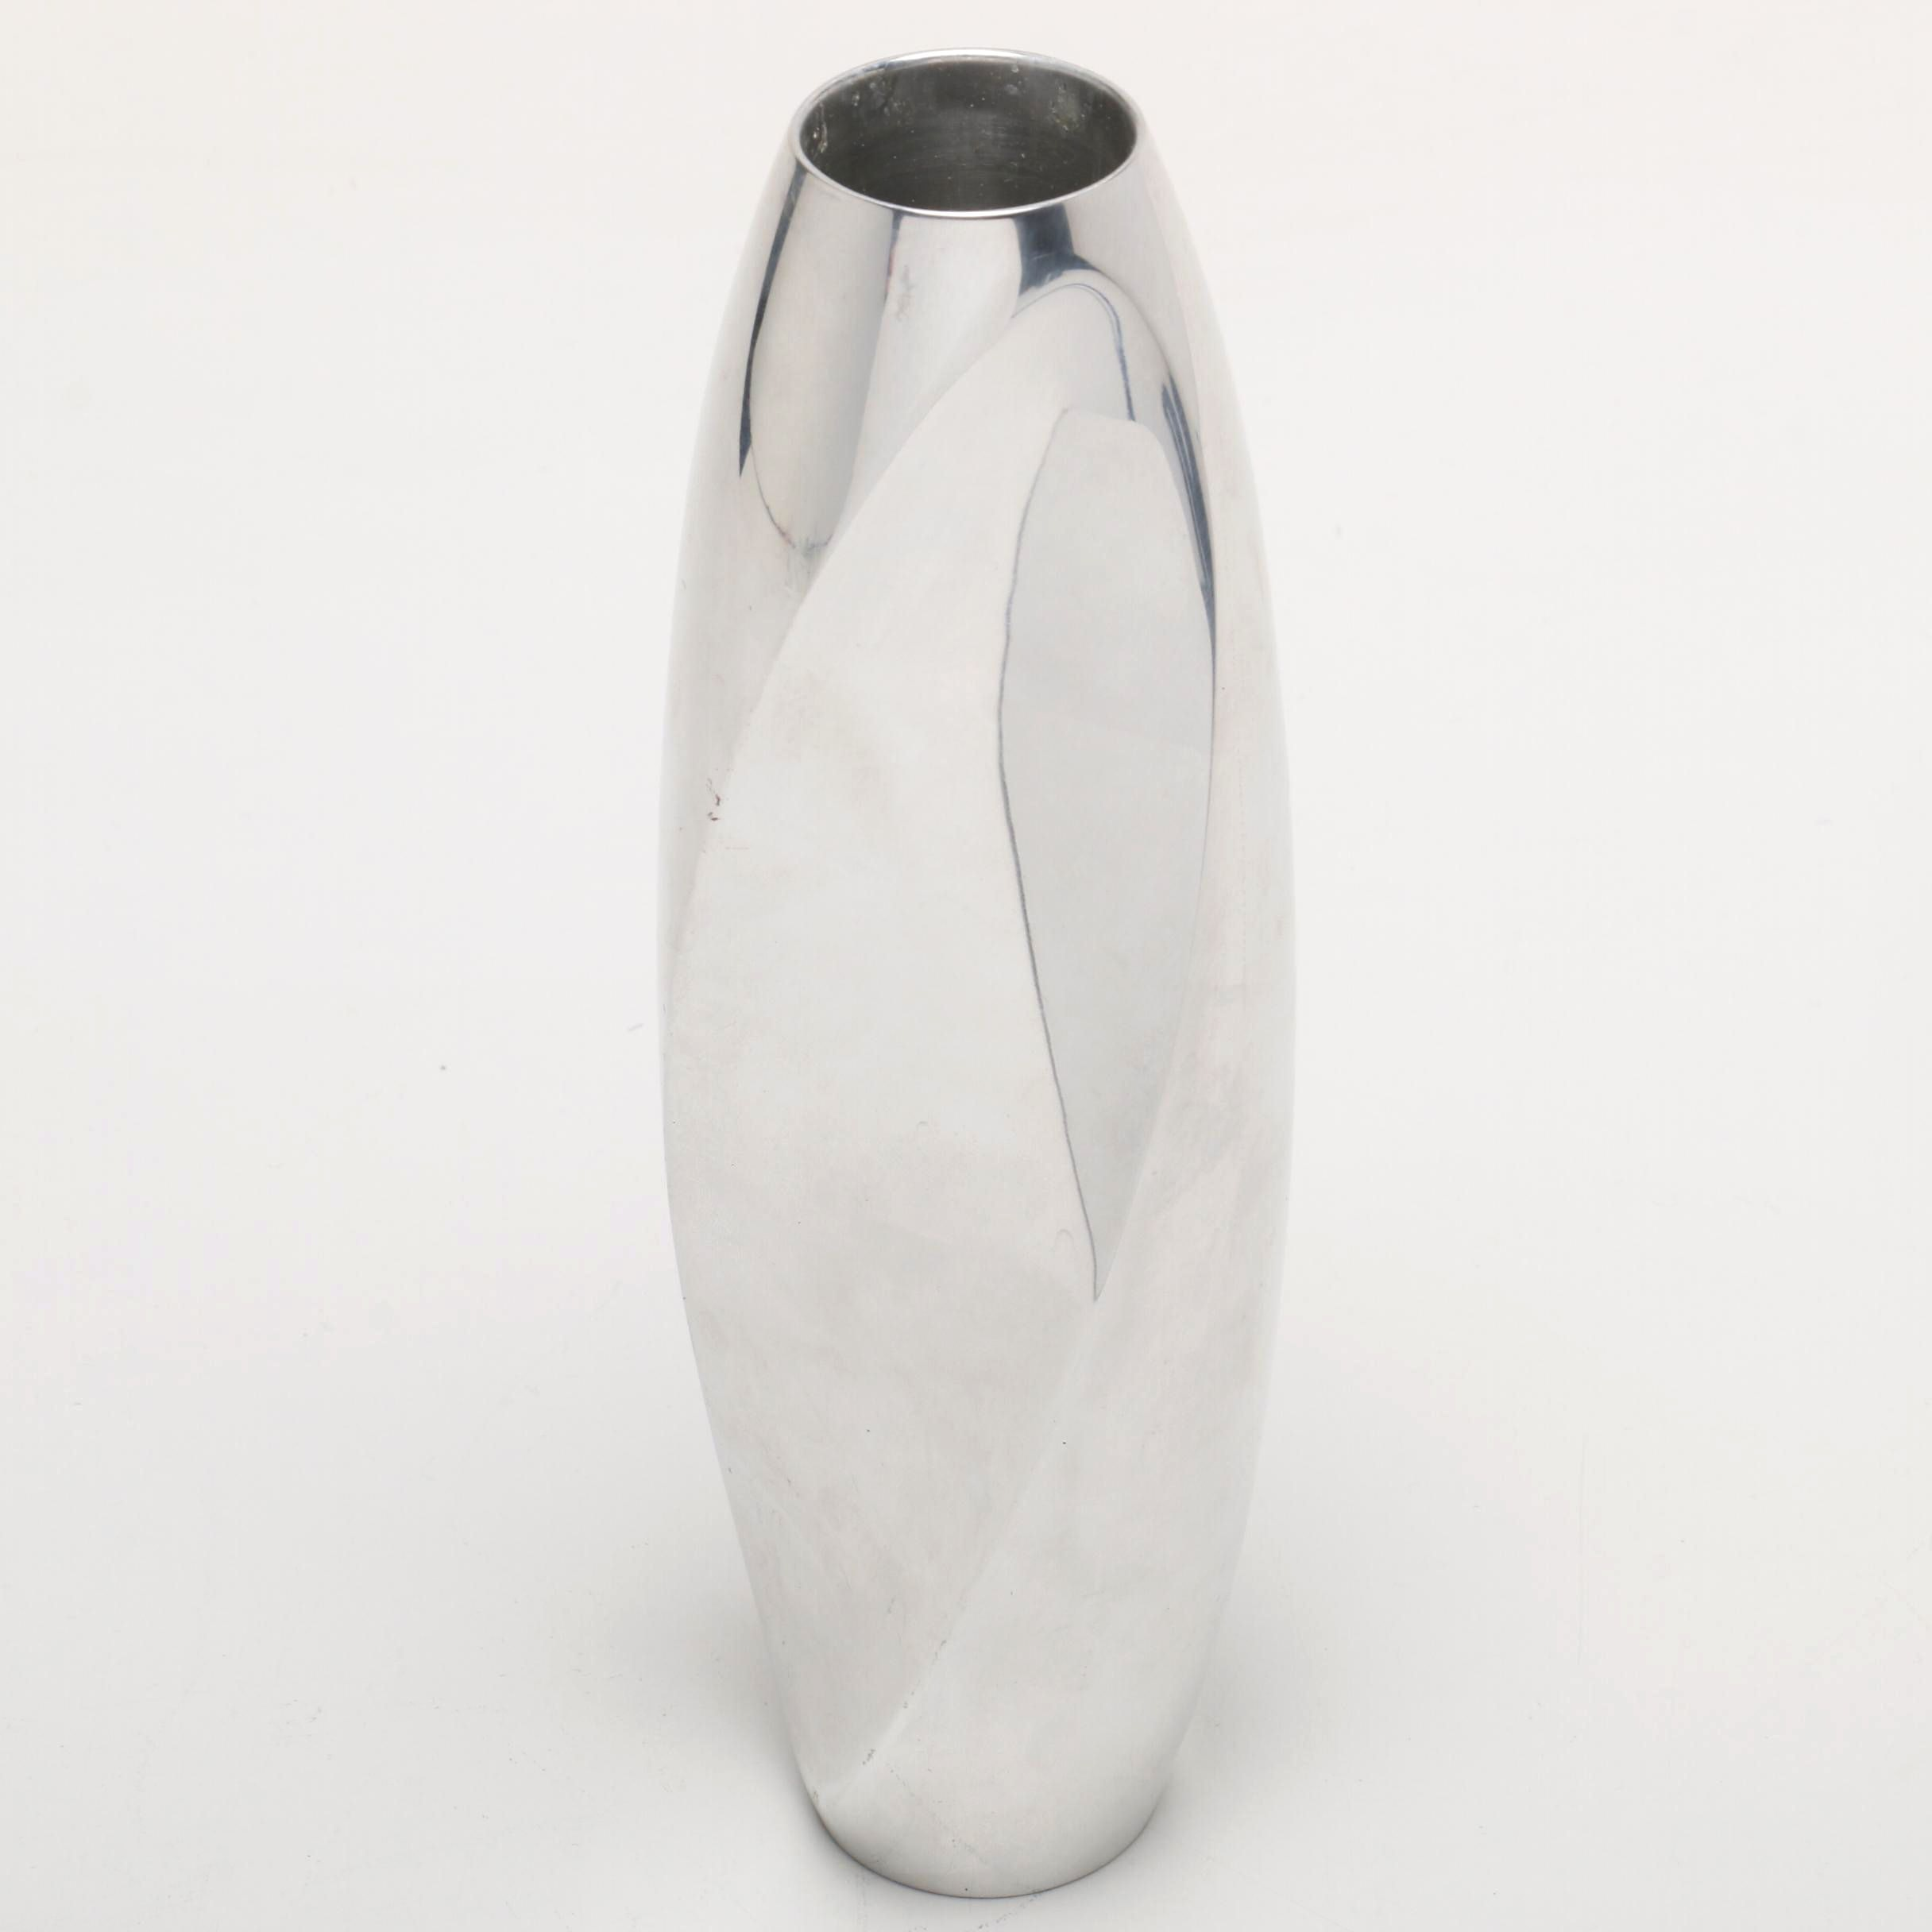 Nambé Twist Floral Vase by Designer Fred Bould, 2001